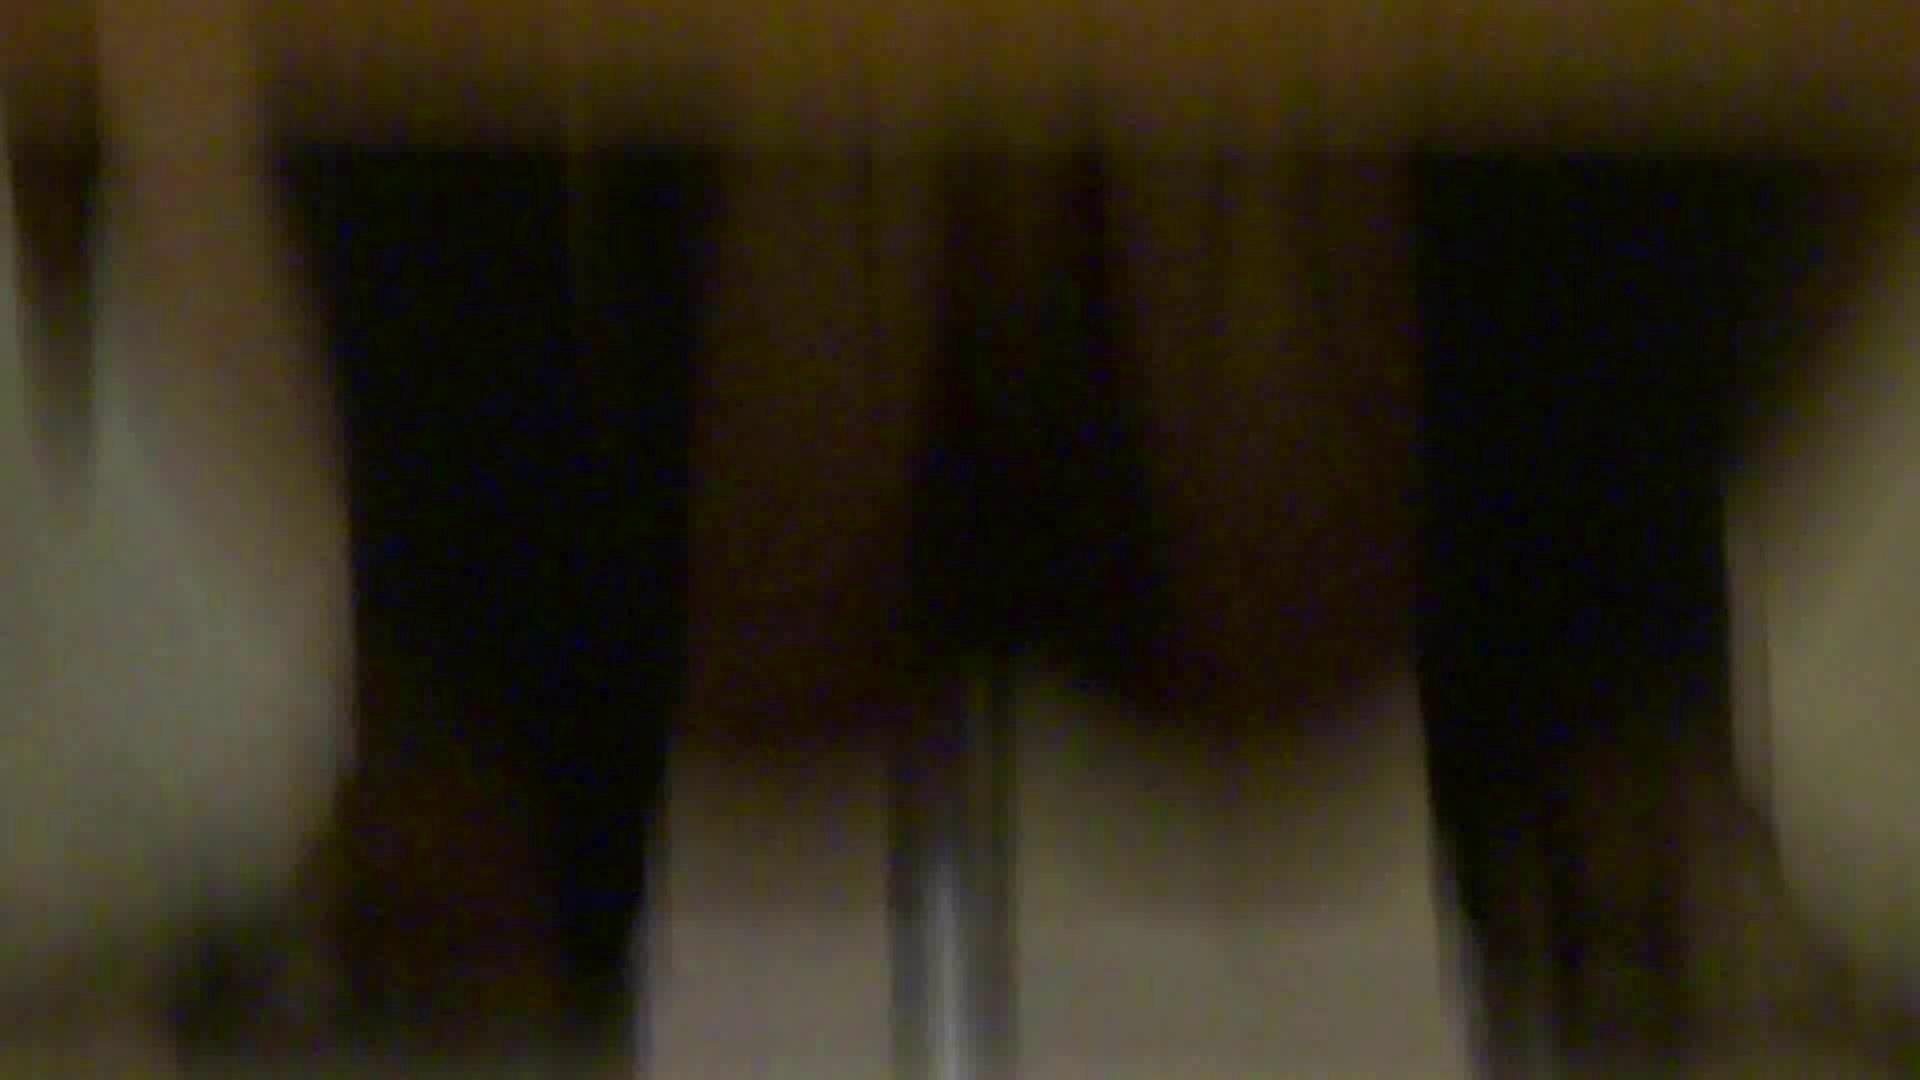 「噂」の国の厠観察日記2 Vol.03 人気シリーズ すけべAV動画紹介 77枚 11